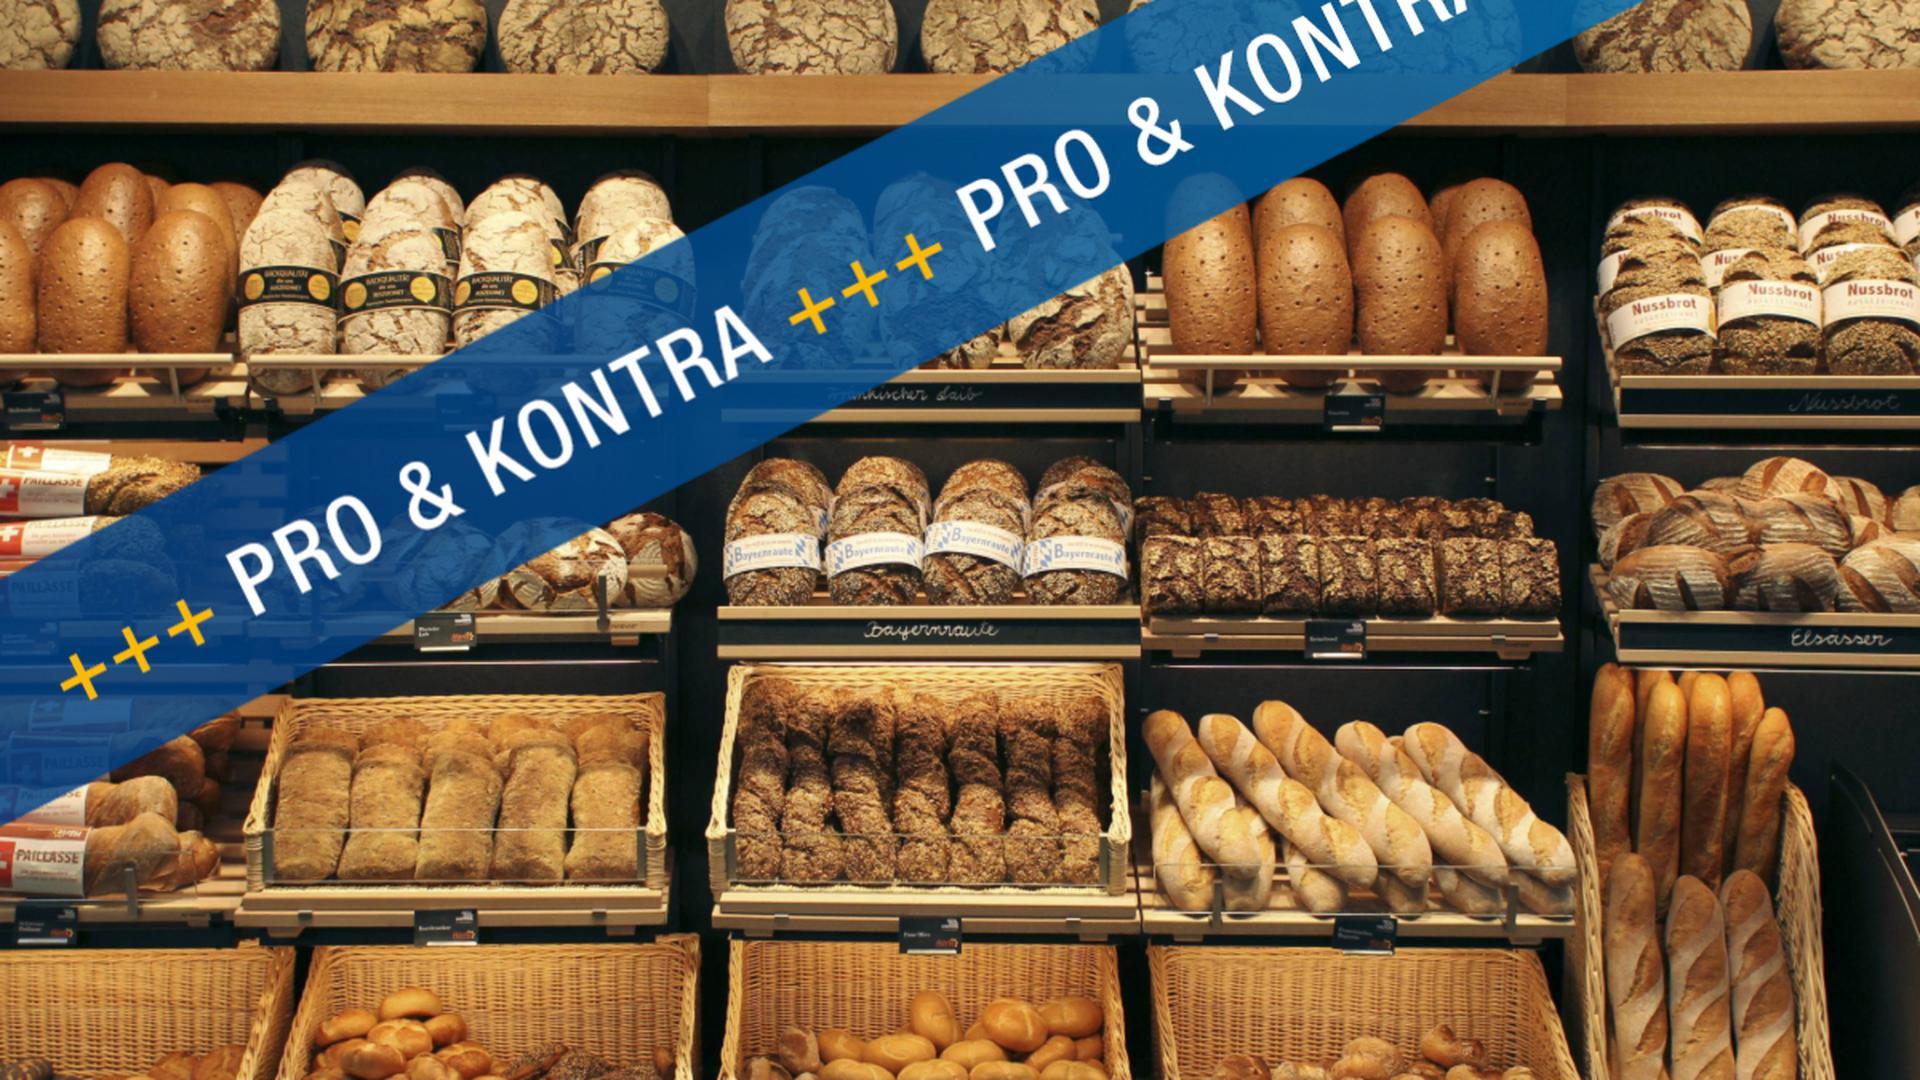 Laut Landesgesetz dürfen reine Bäckereien in Baden-Württemberg bislang sonntags nur drei Stunden lang geöffnet haben. Soll sich das ändern?